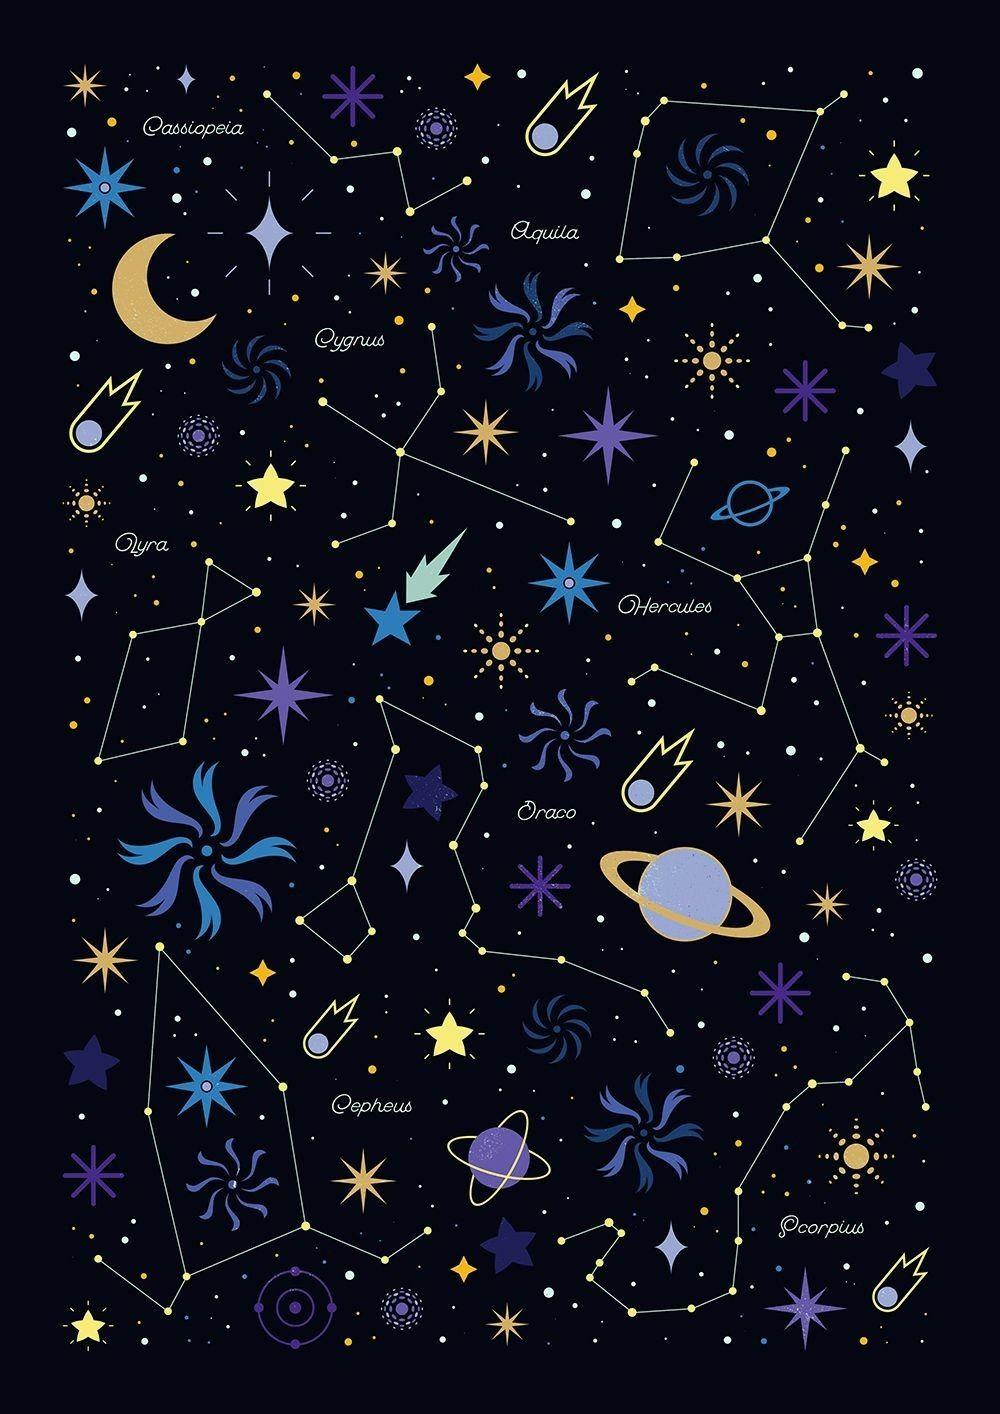 Космические созвездия картинки для детей